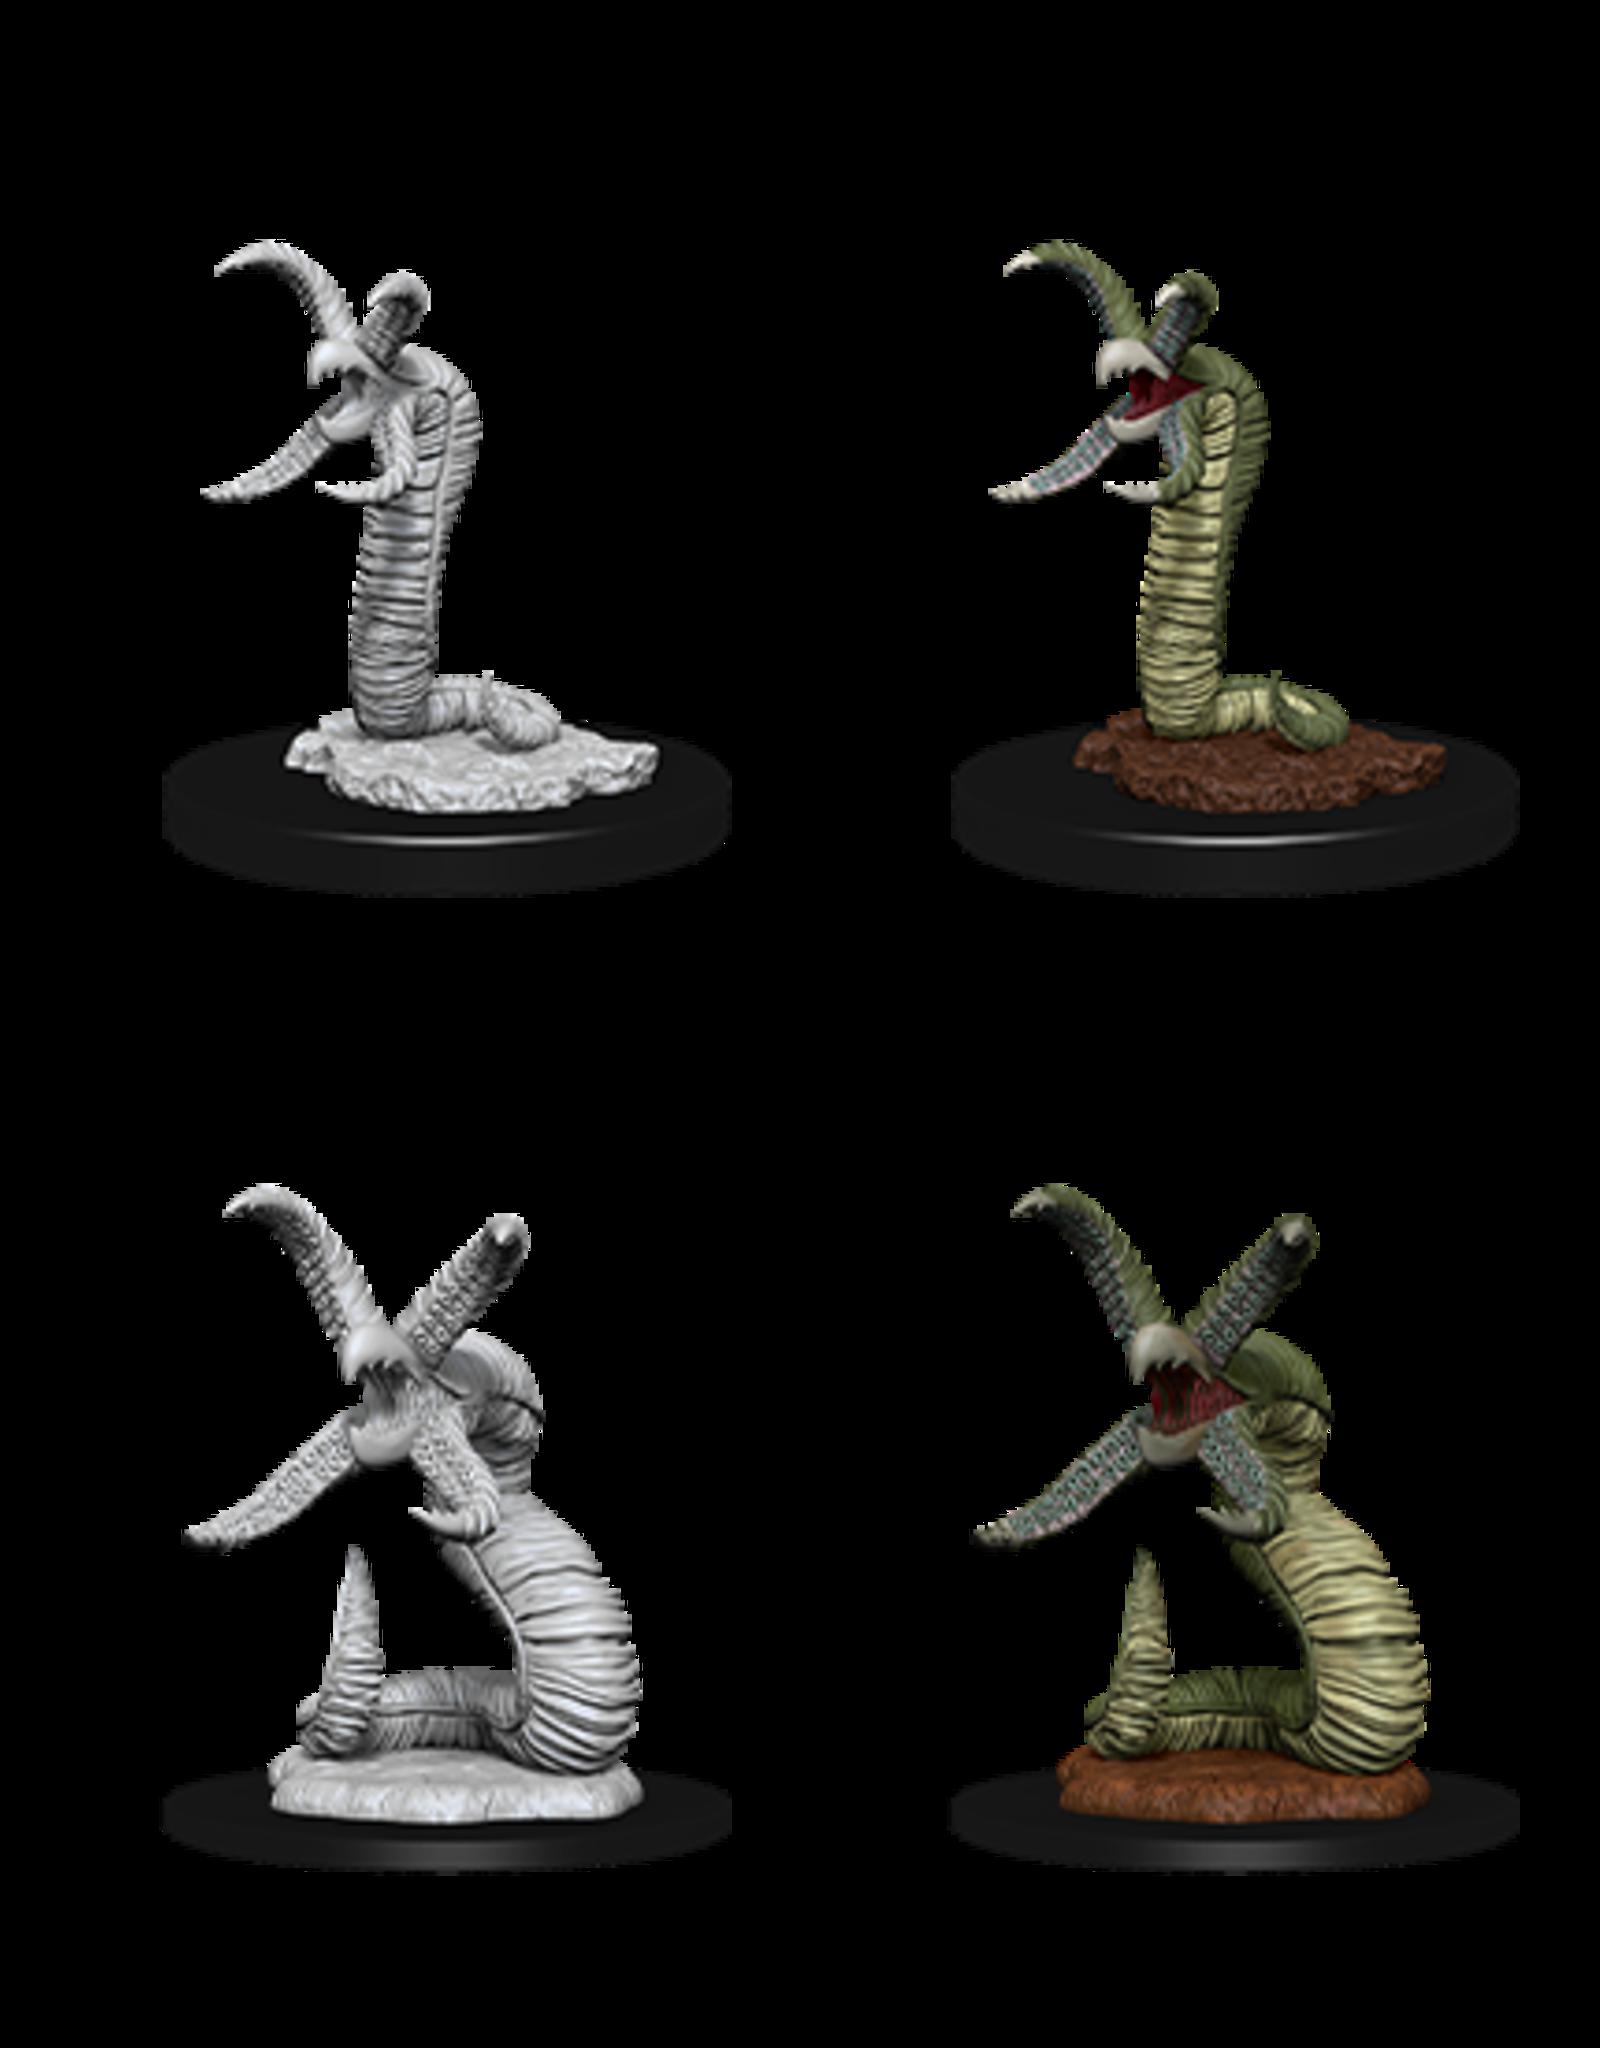 Nolzur's Marvelous Miniatures D&D D&D NMU - Grick & Grick Alpha (W12)